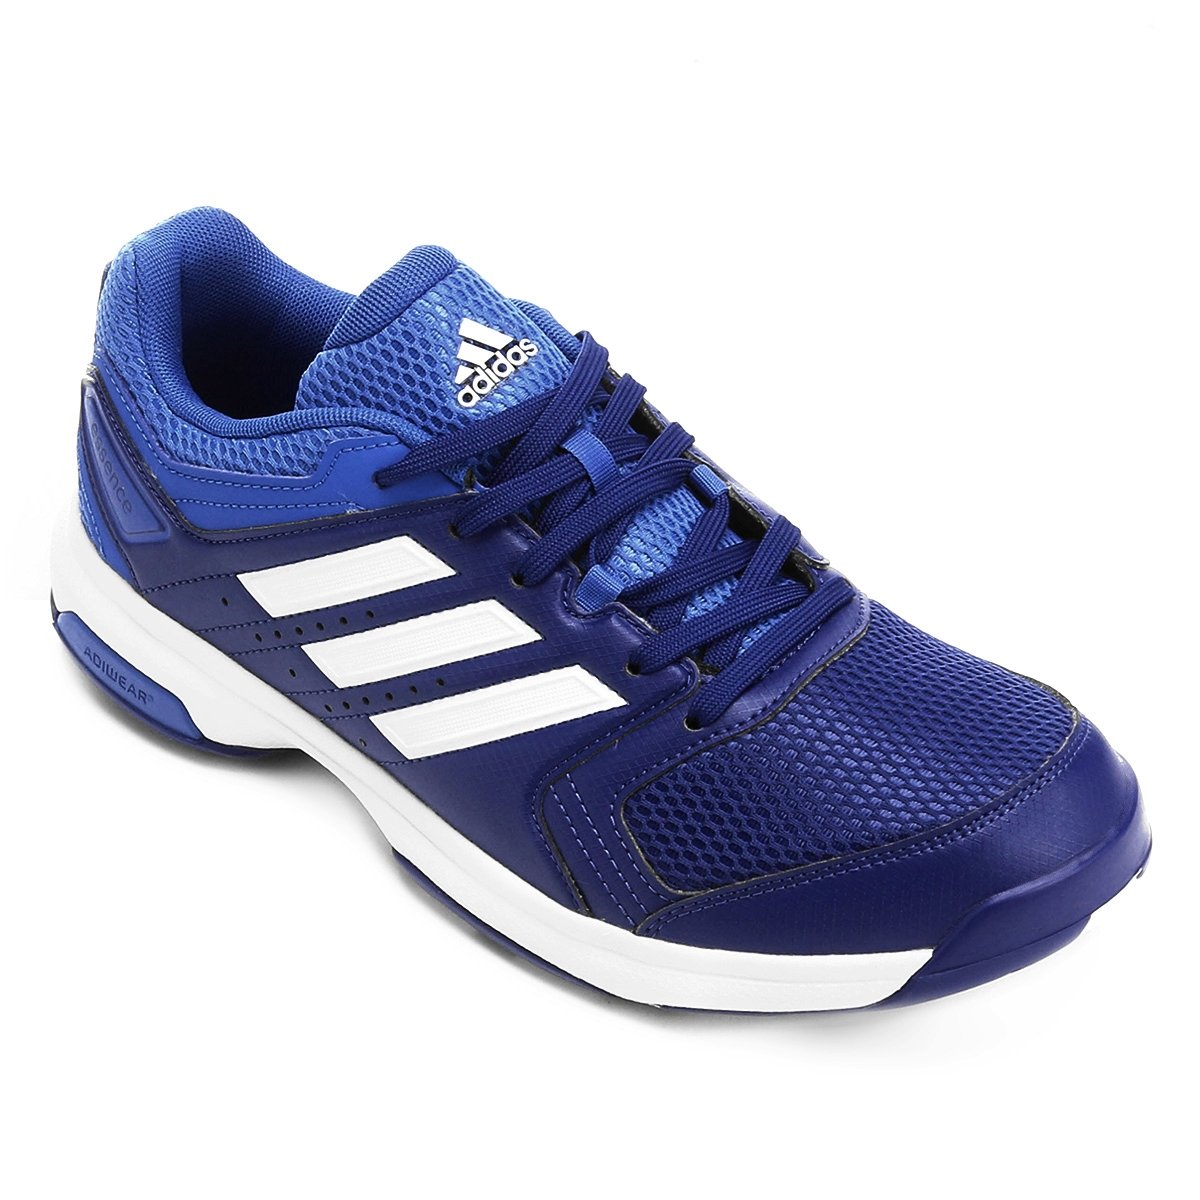 e0087eb5f1 Amplie a imagem. Tênis Masculino Adidas Essence  Tênis Masculino Adidas  Essence 2  Tênis Masculino Adidas Essence ...